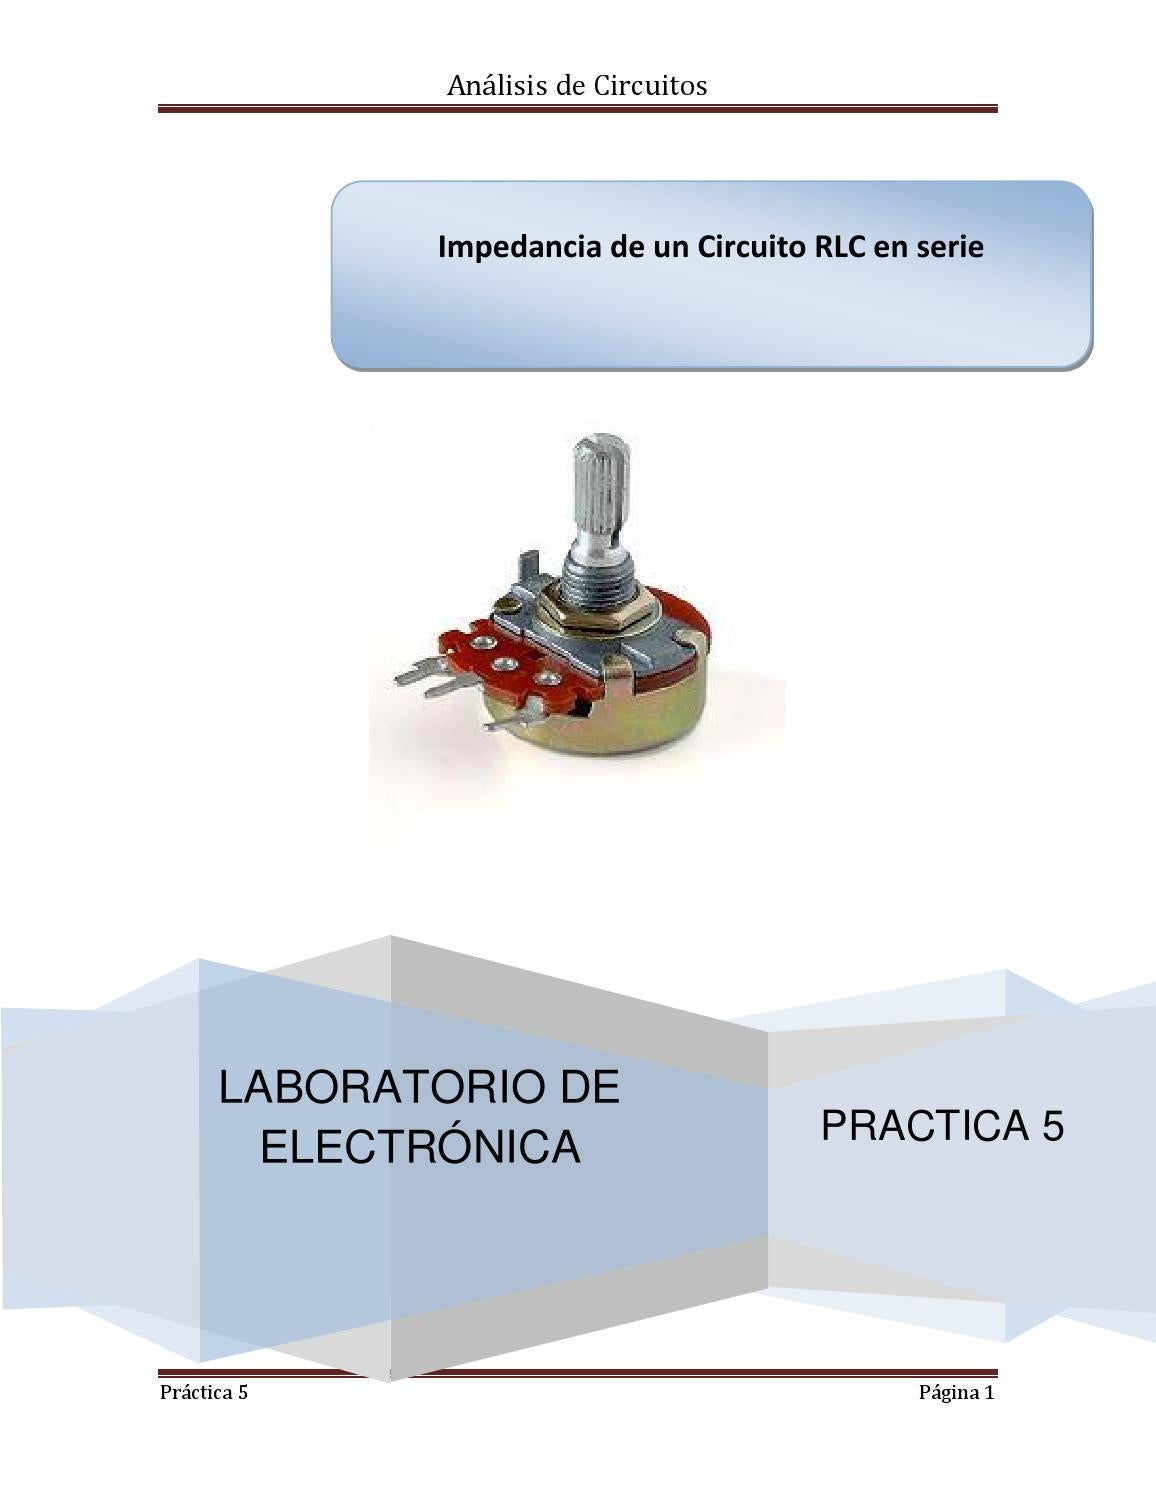 Circuito Rlc : Circuito electrónico de la electrónica de red eléctrica circuito